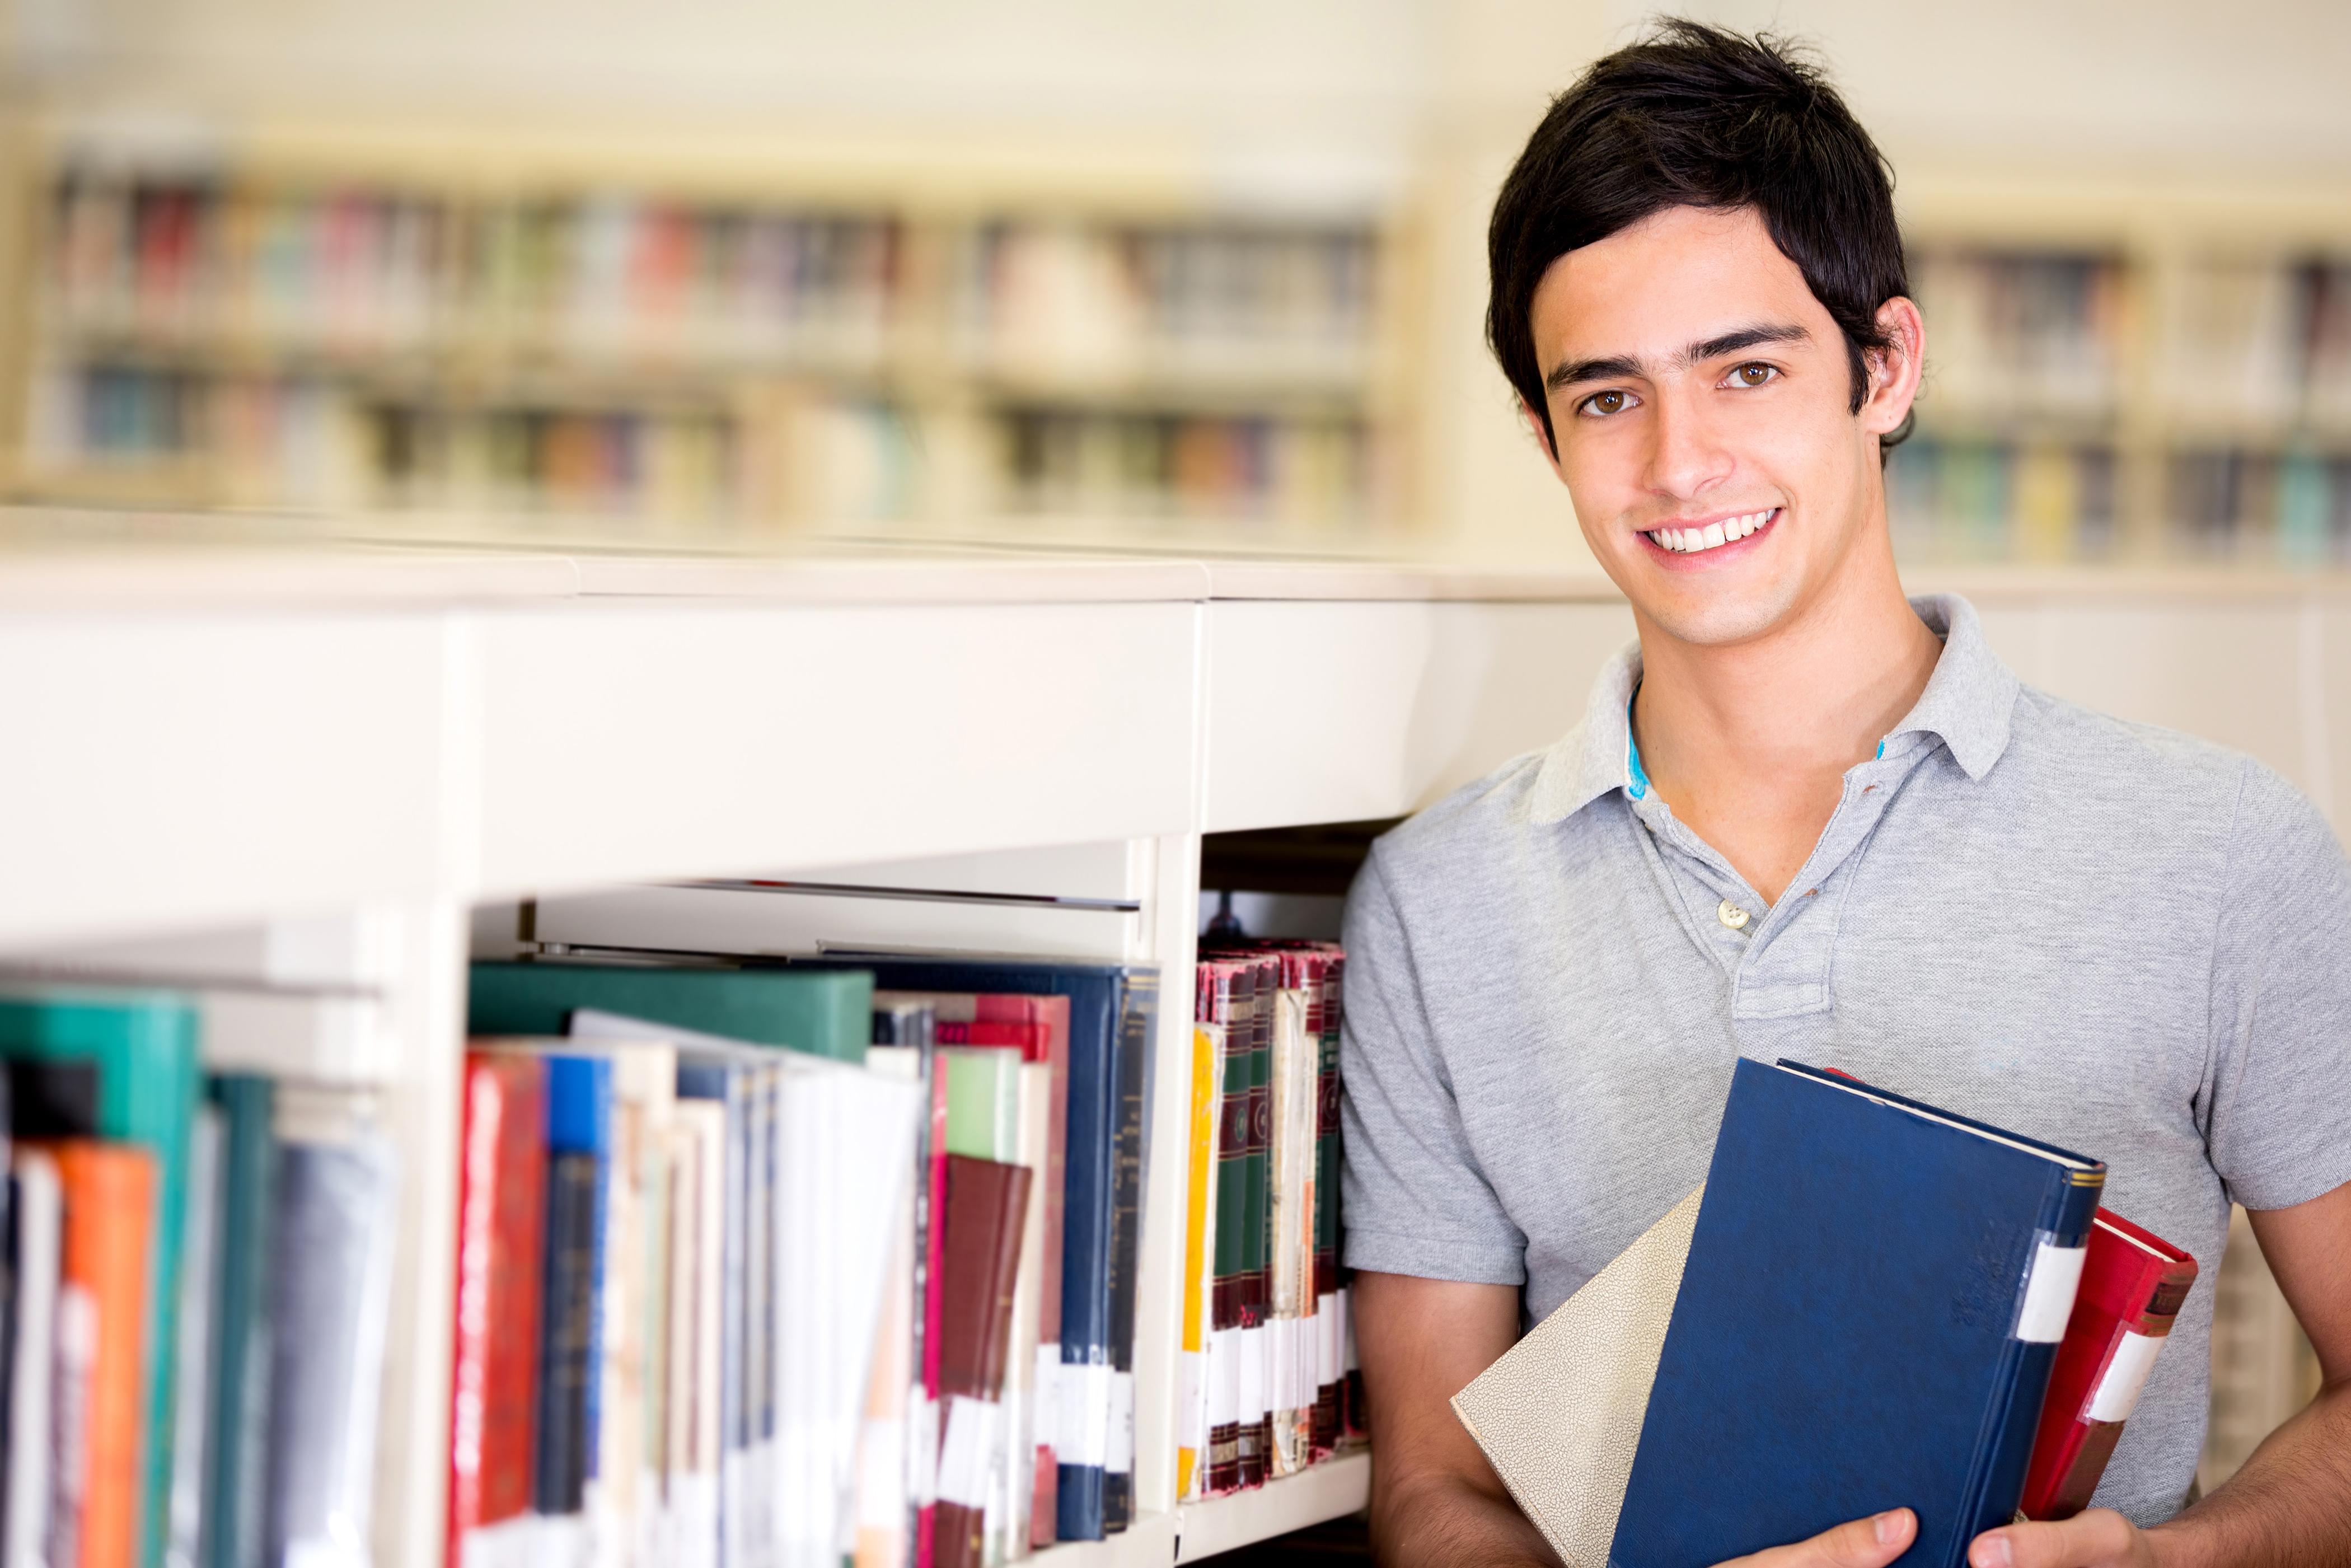 La educación como eje principal de formación social